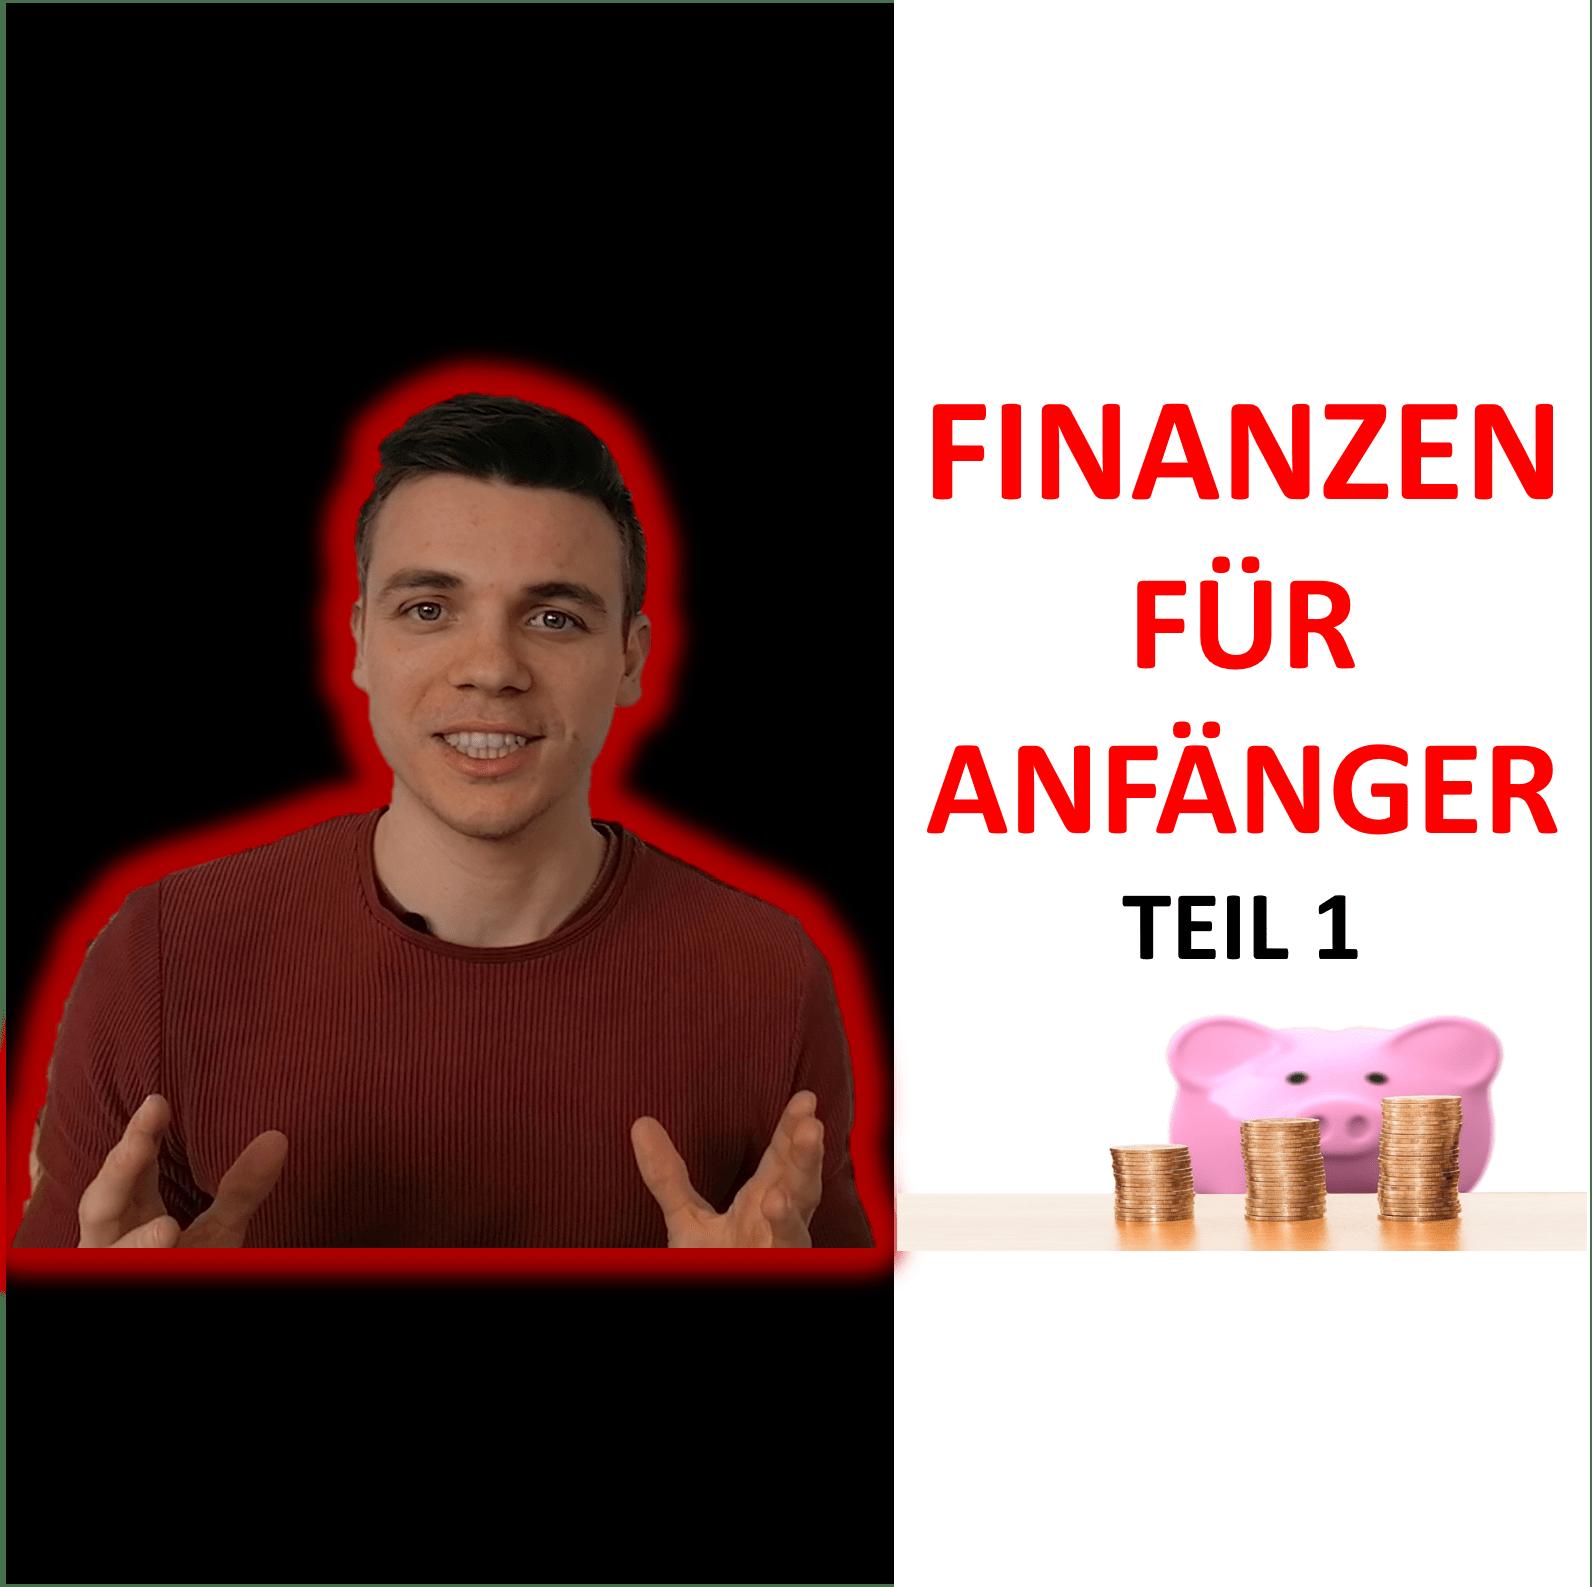 You are currently viewing FINANZEN FÜR ANFÄNGER: Mit 10 Schritten zum finanziellen Erfolg (Teil 1)